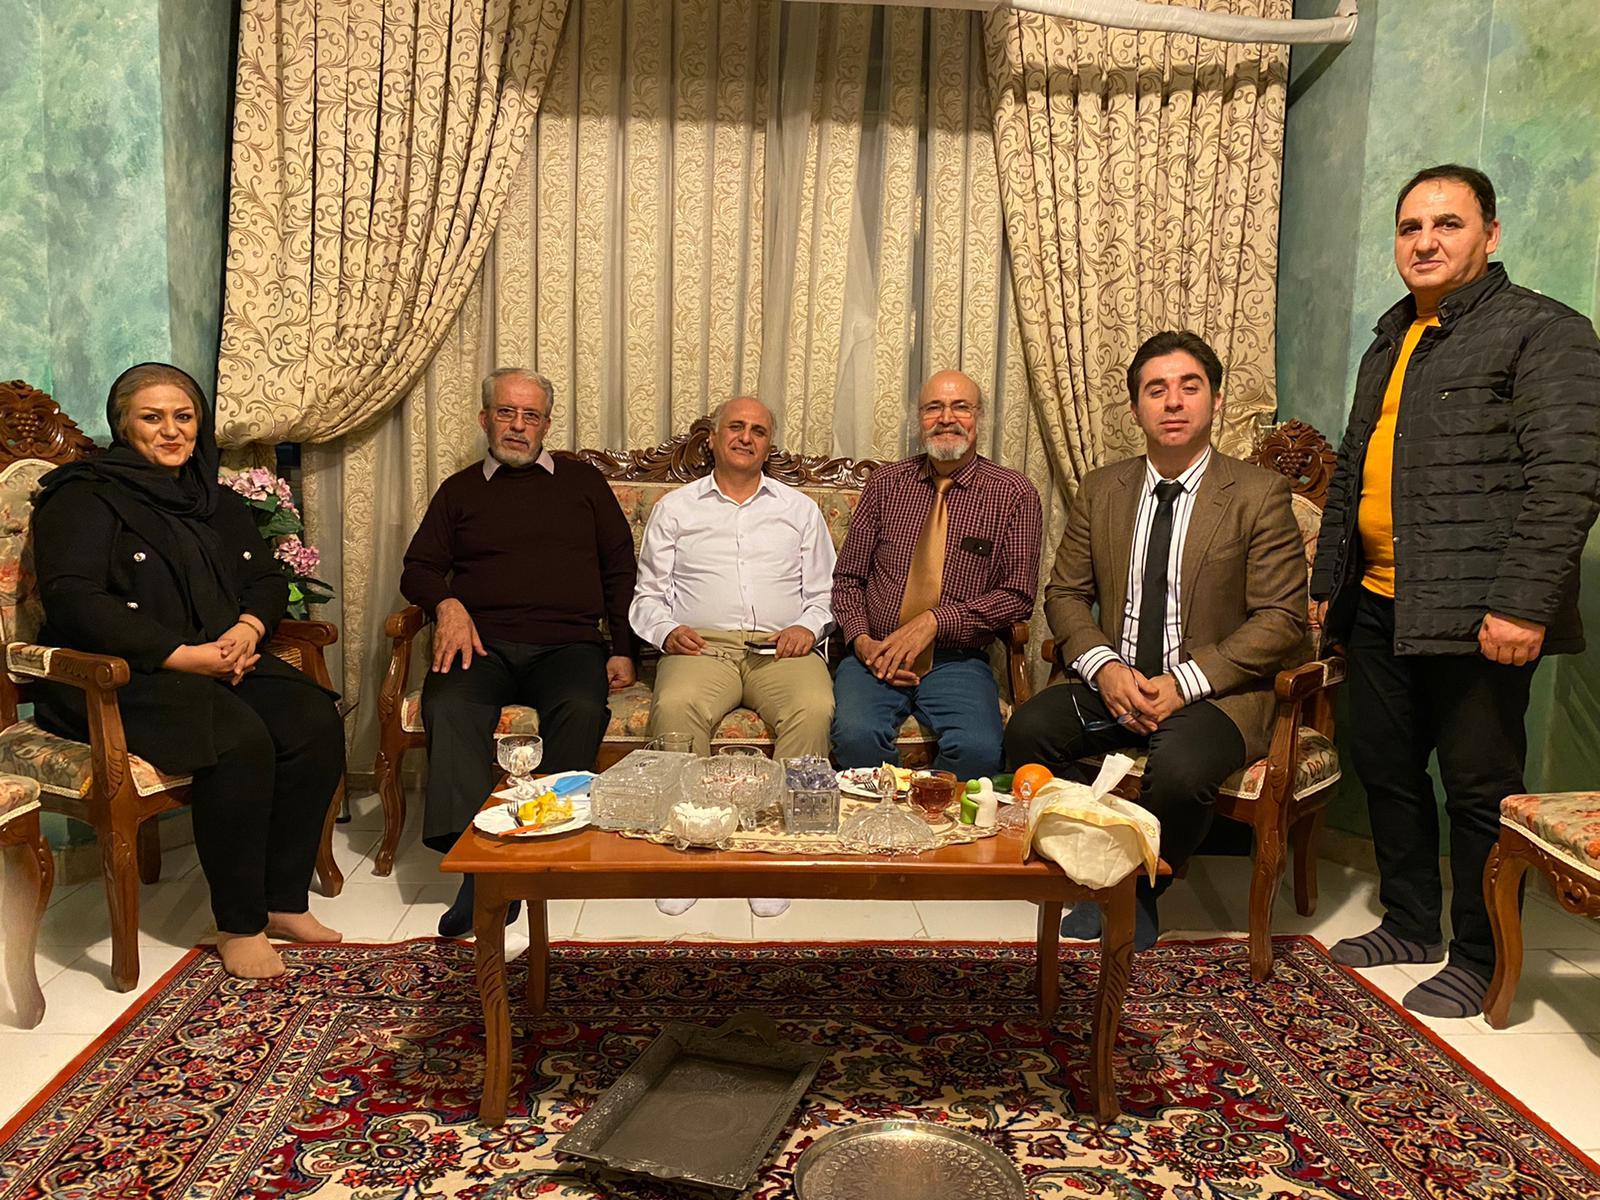 سیدجلال محمدیان-امید دارابی- نادر دارستانی- جهانشاه باباخانی- عبدالرضا رادفر